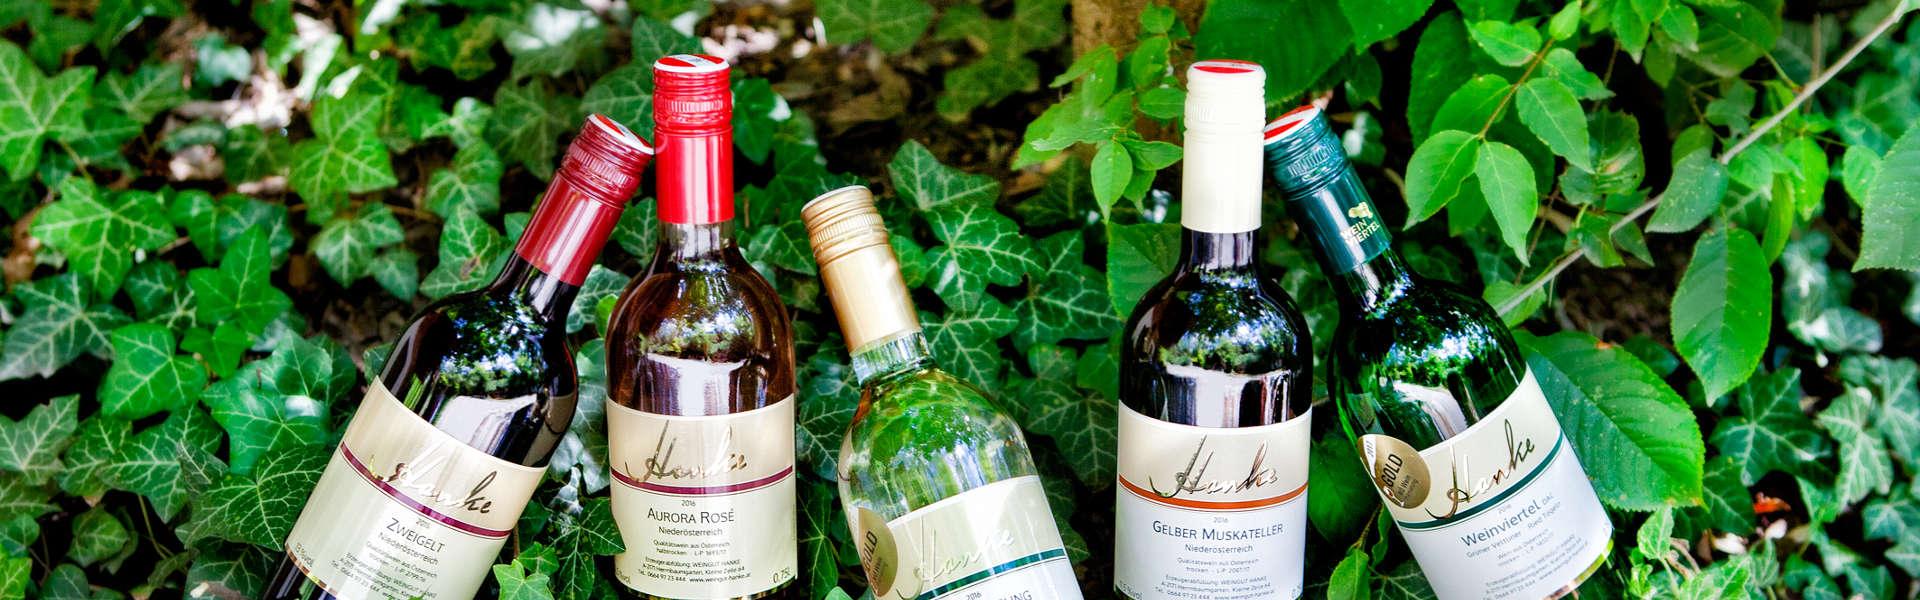 Flaschen Weinflaschen